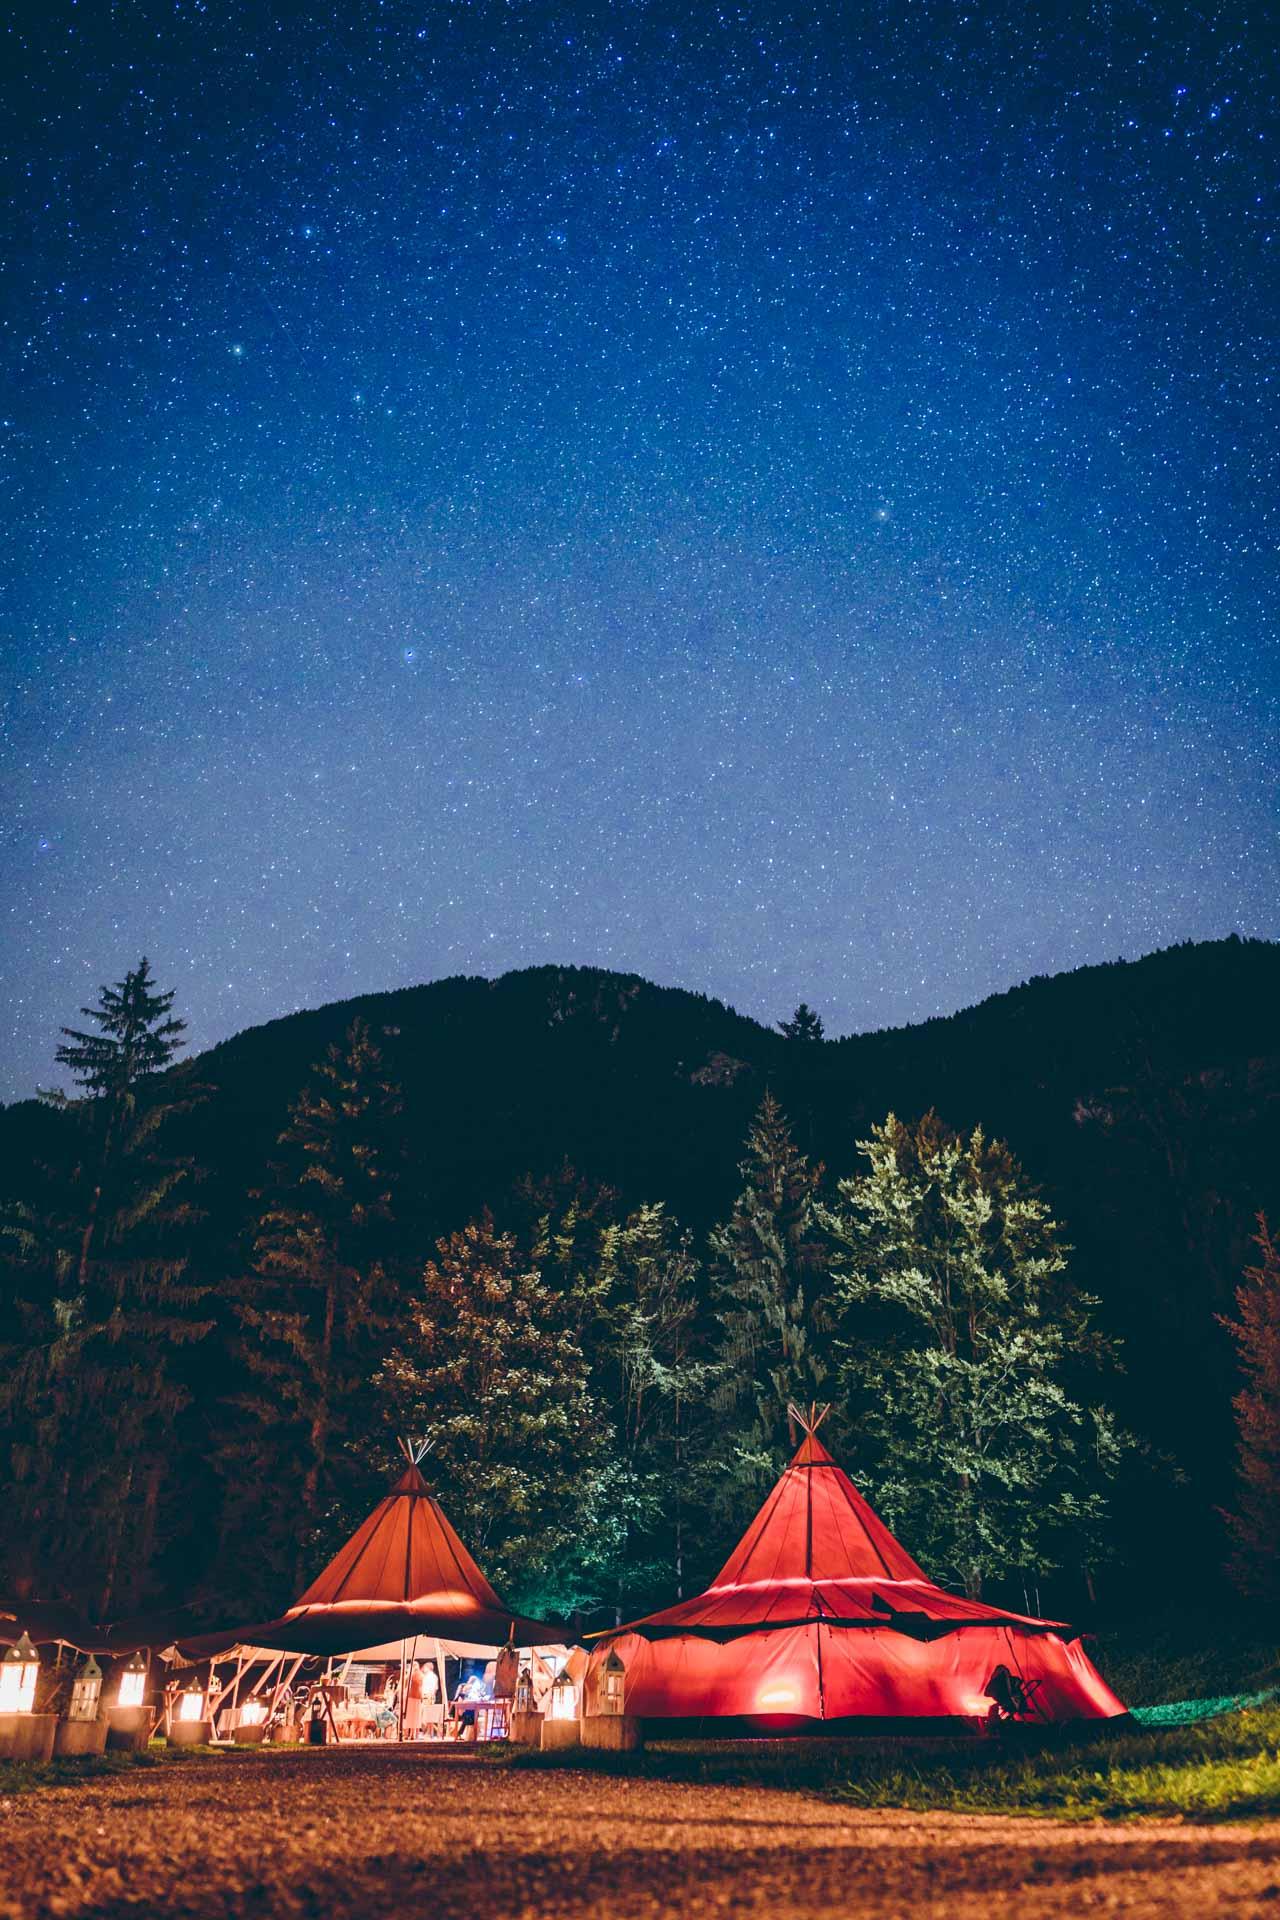 Blueland Hochzeits Zelte unter dem Sternenhimmel währen Hochzeitsparty